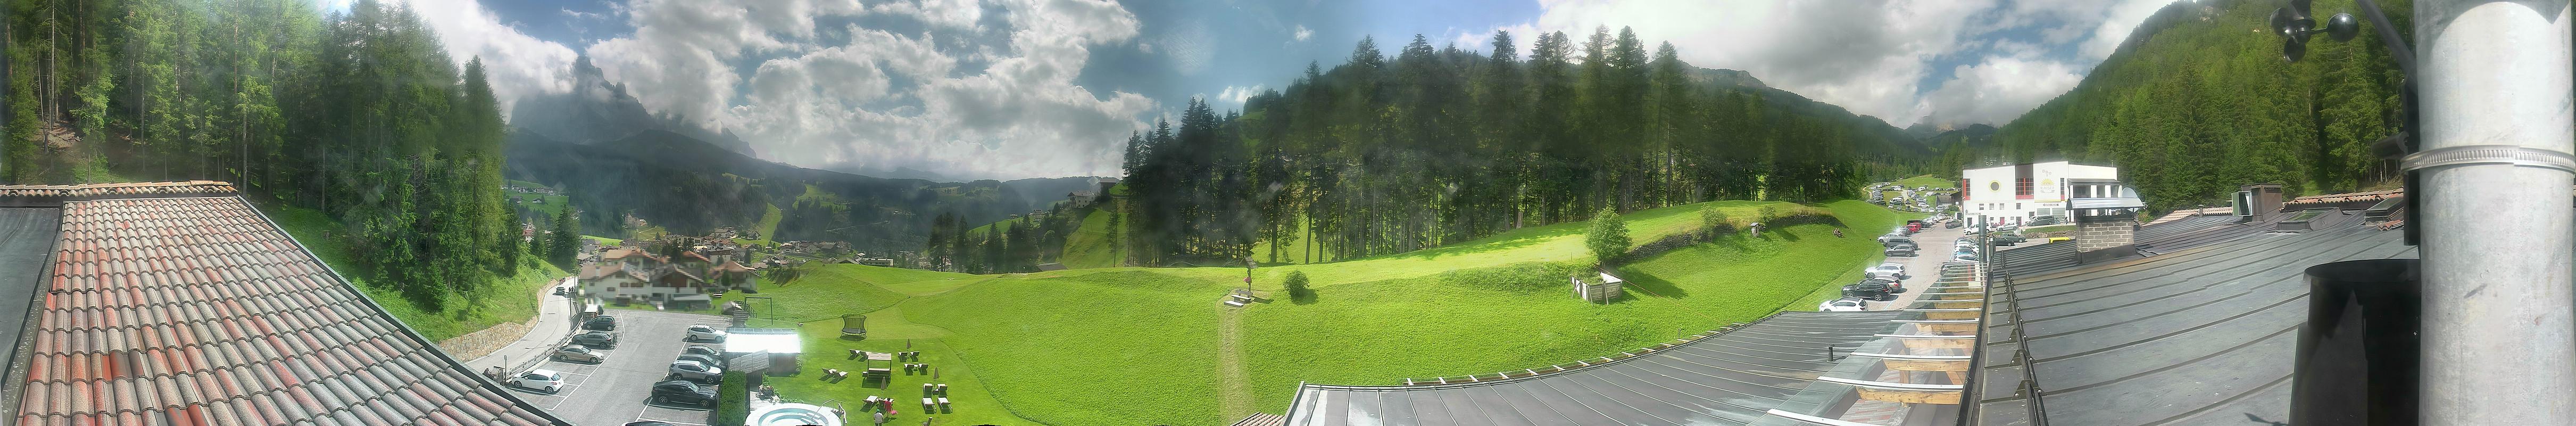 Hotel Jägerheim Livecam